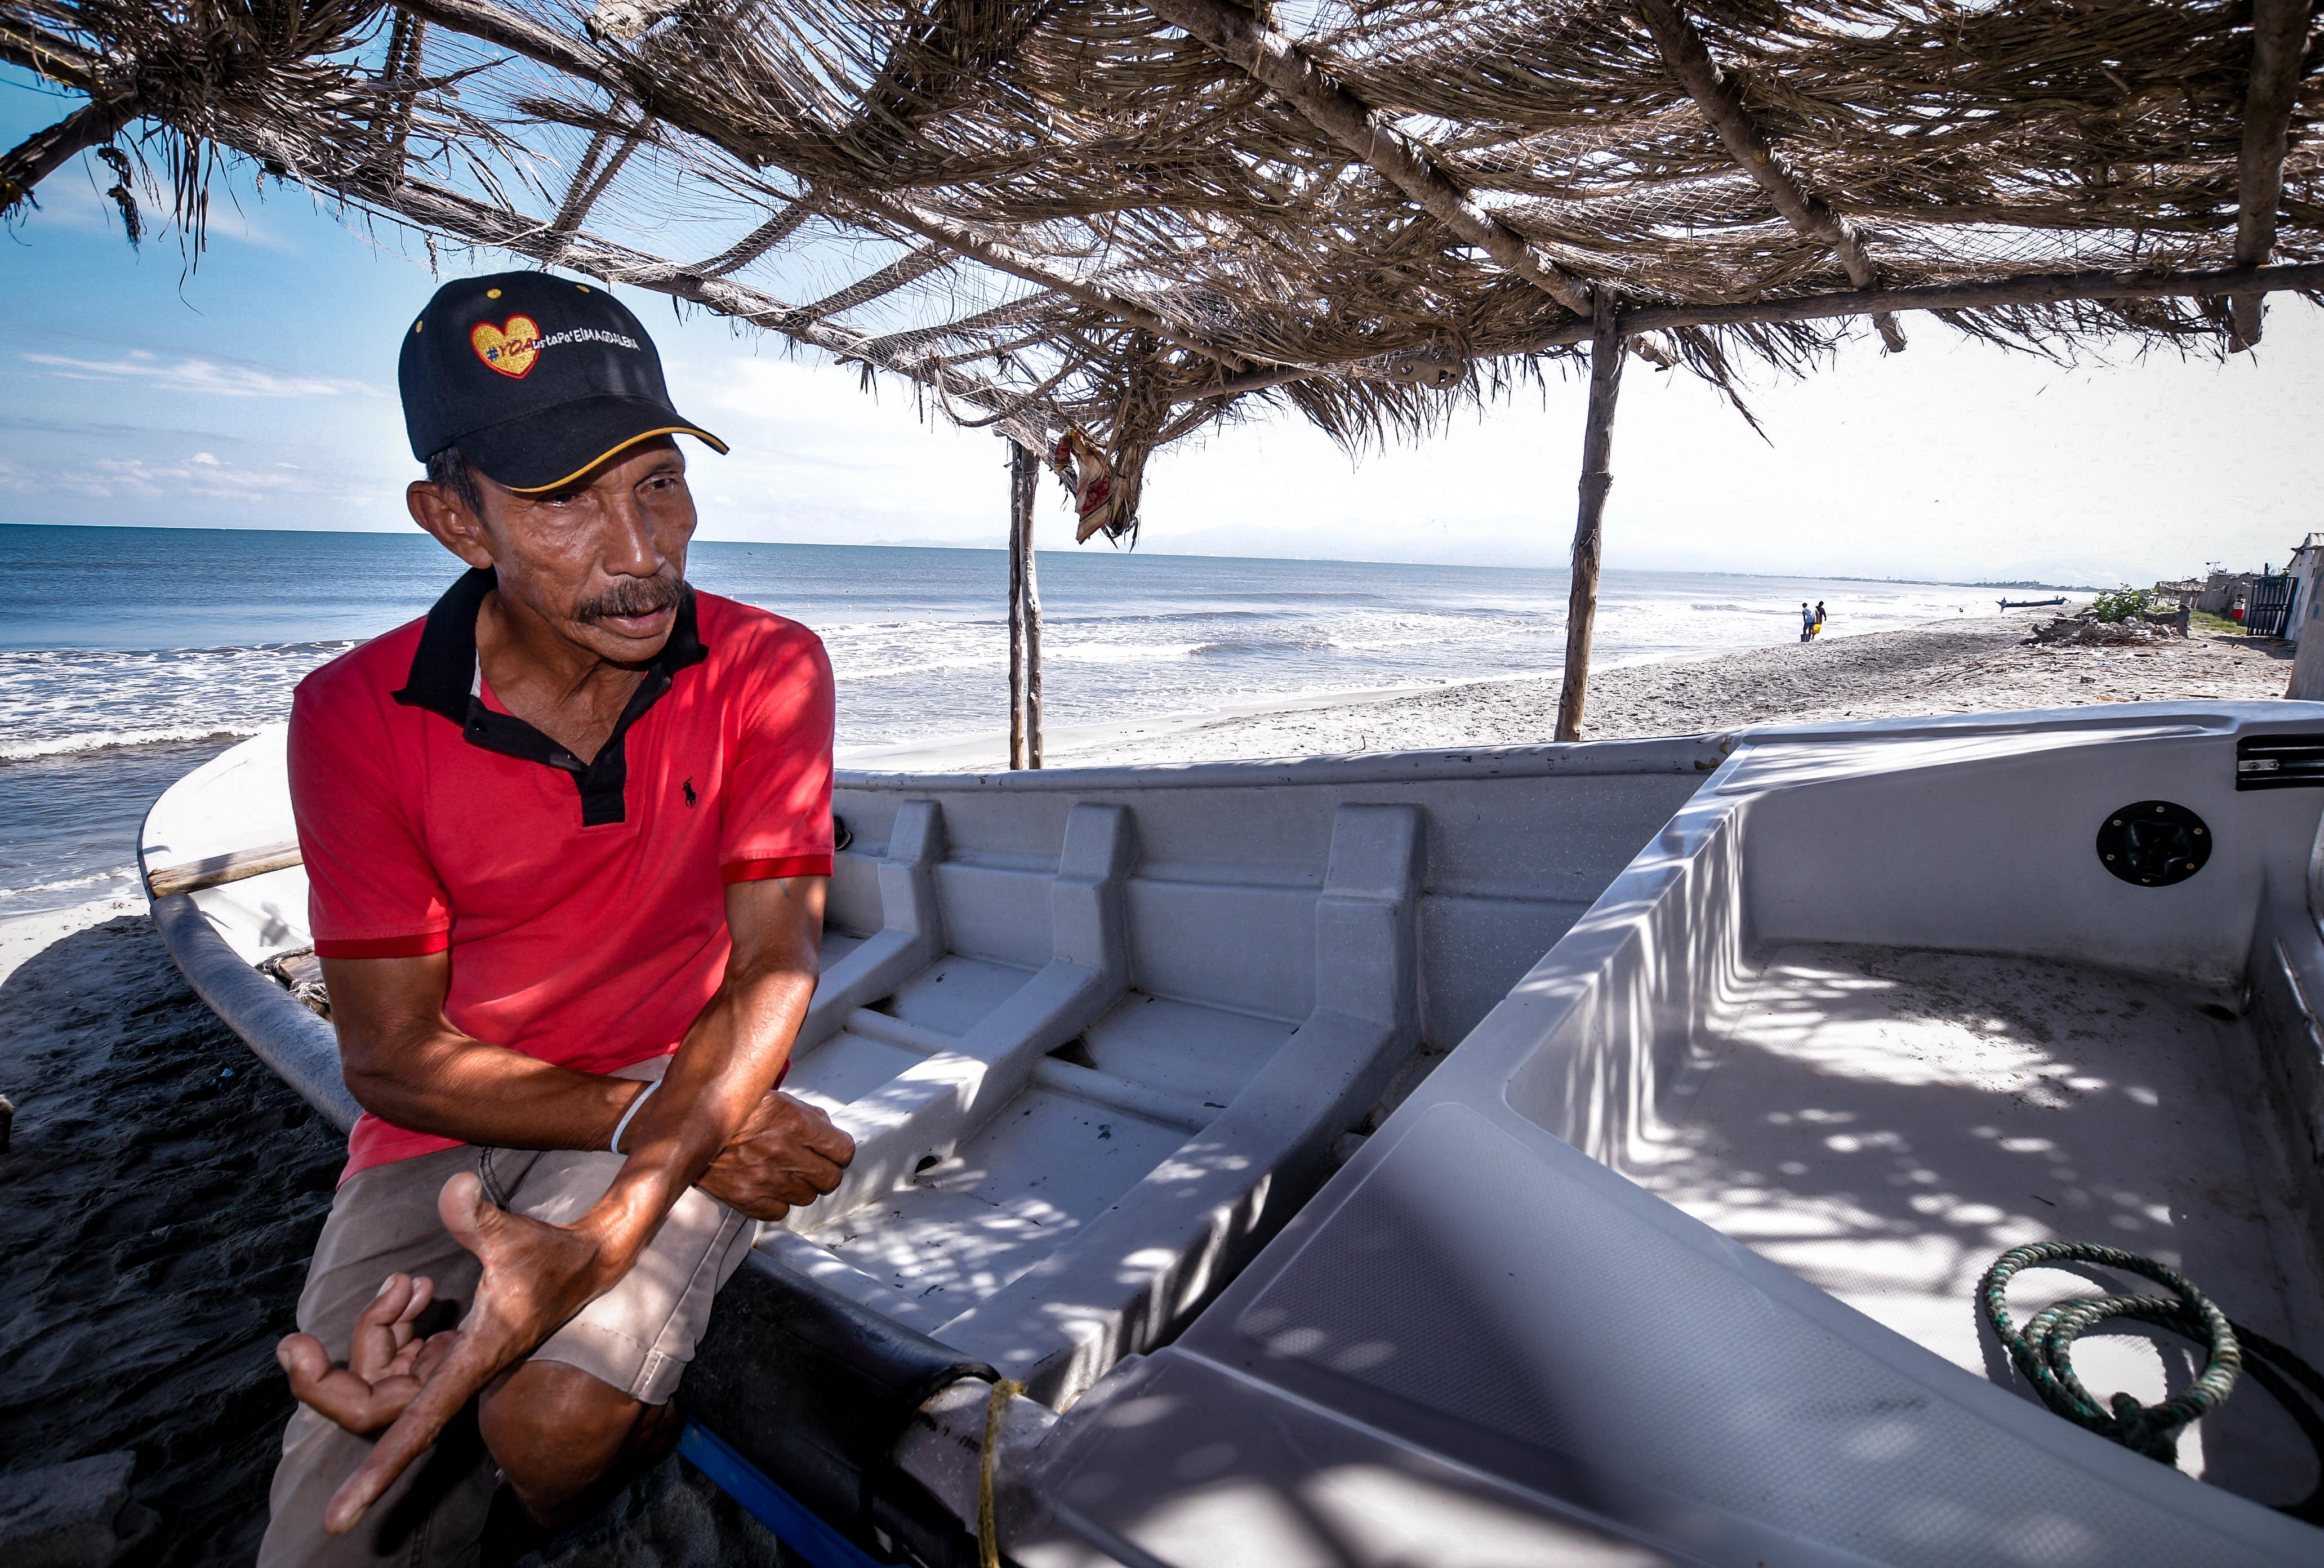 Enrique Maldonado reclama atención para Tasajera, en especial de los pesca, la principal fuente de empleo de sus habitantes.